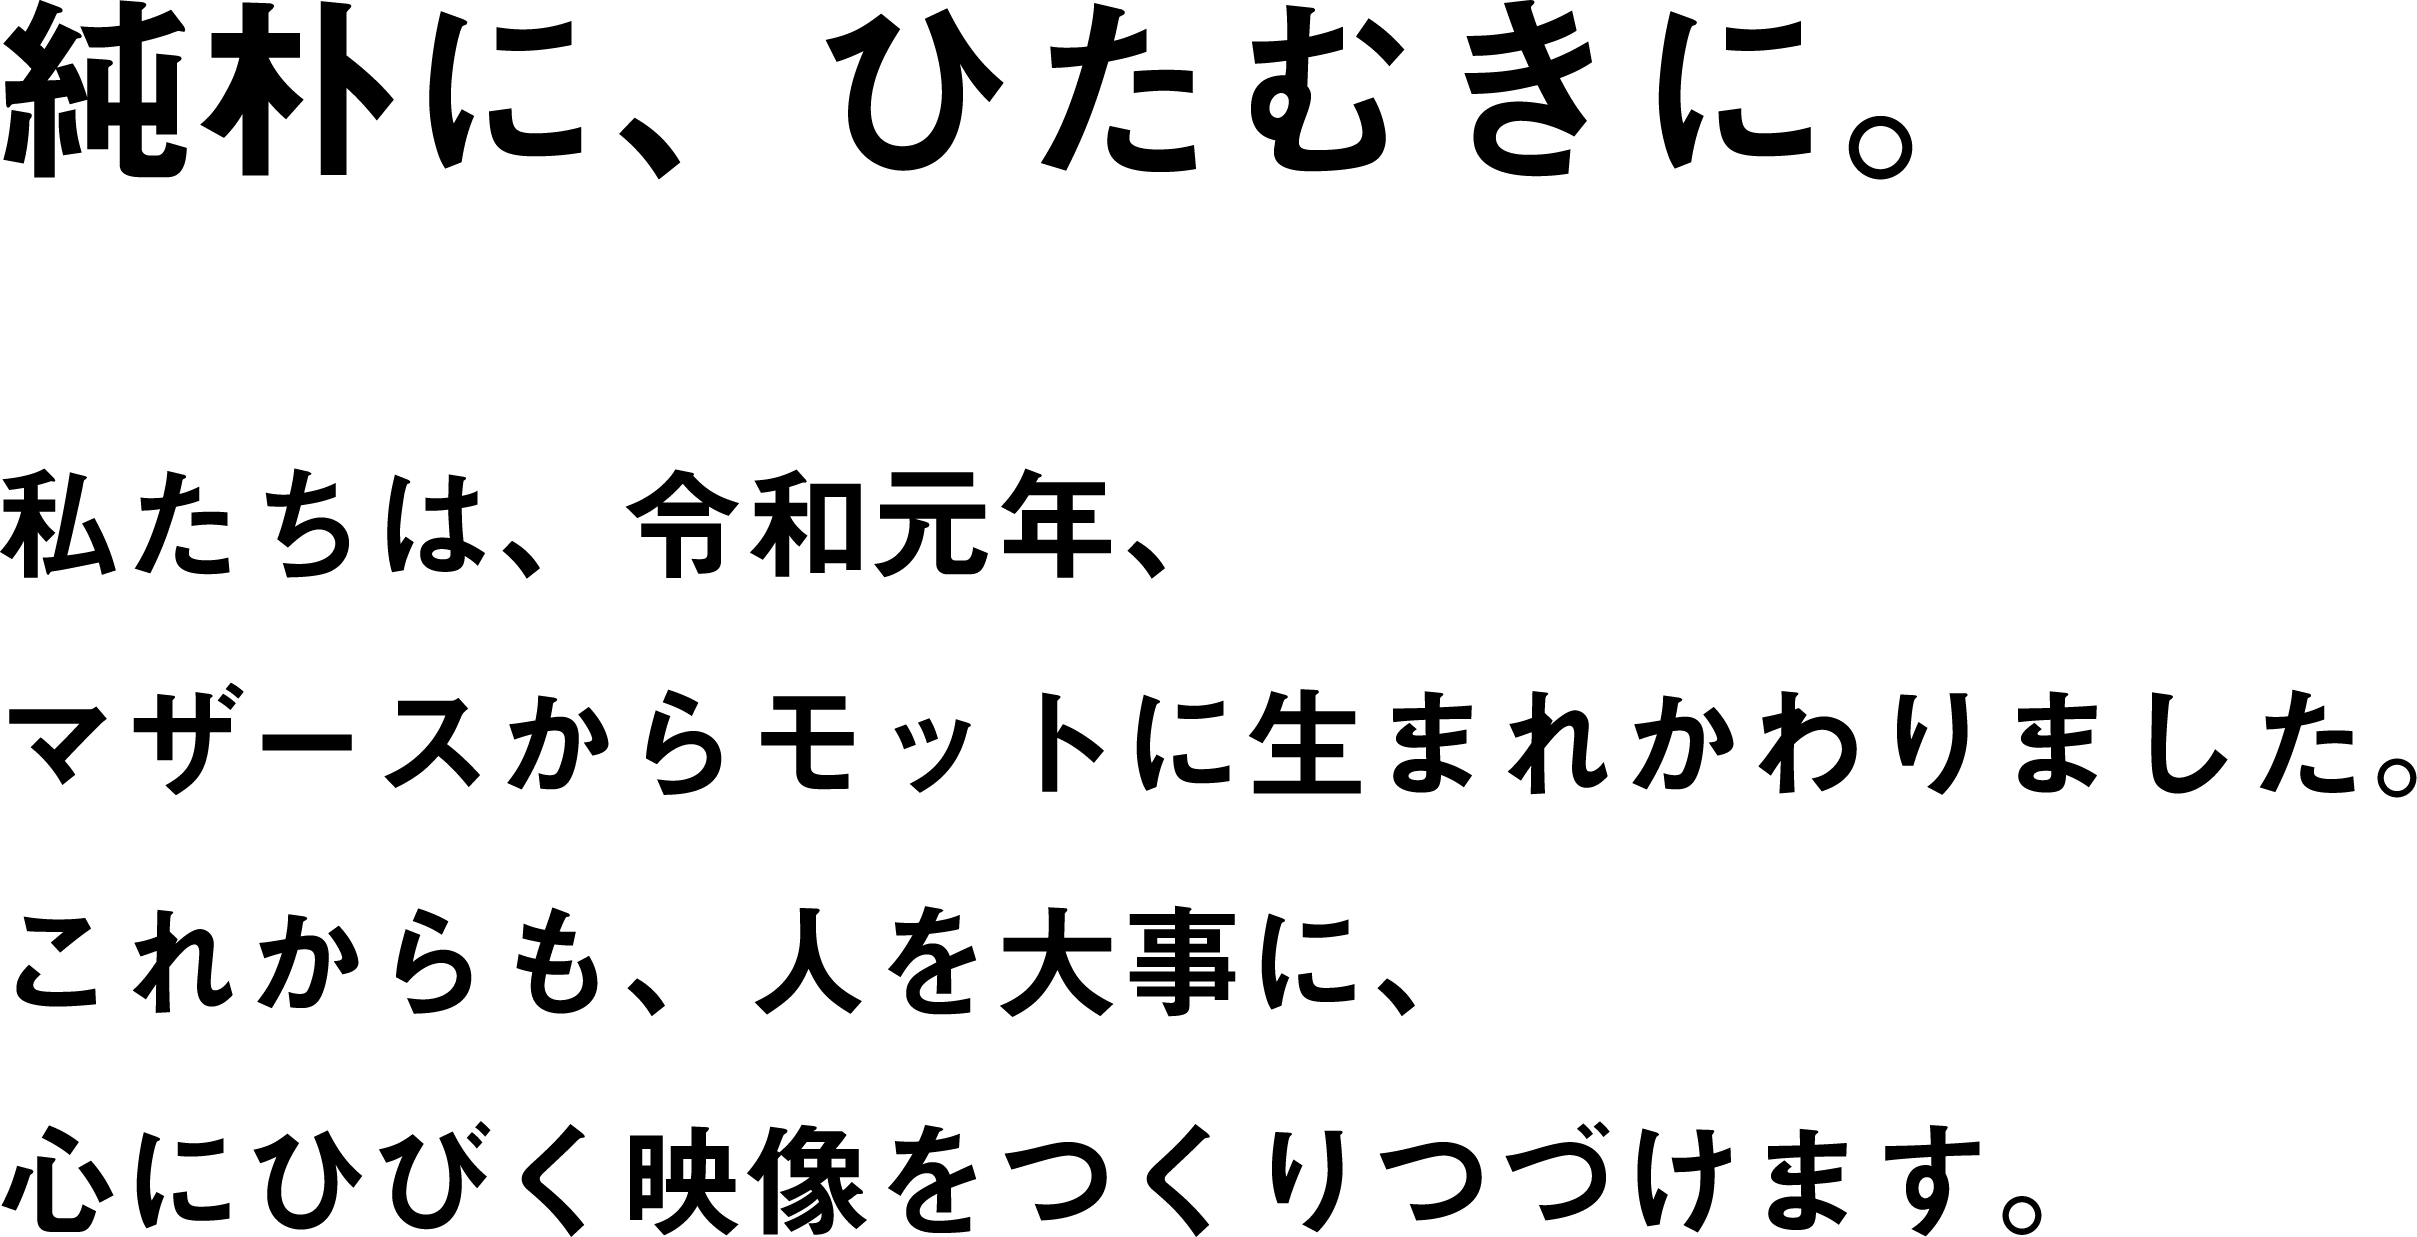 新宿の映像制作プロダクション 株式会社モット(Motto)